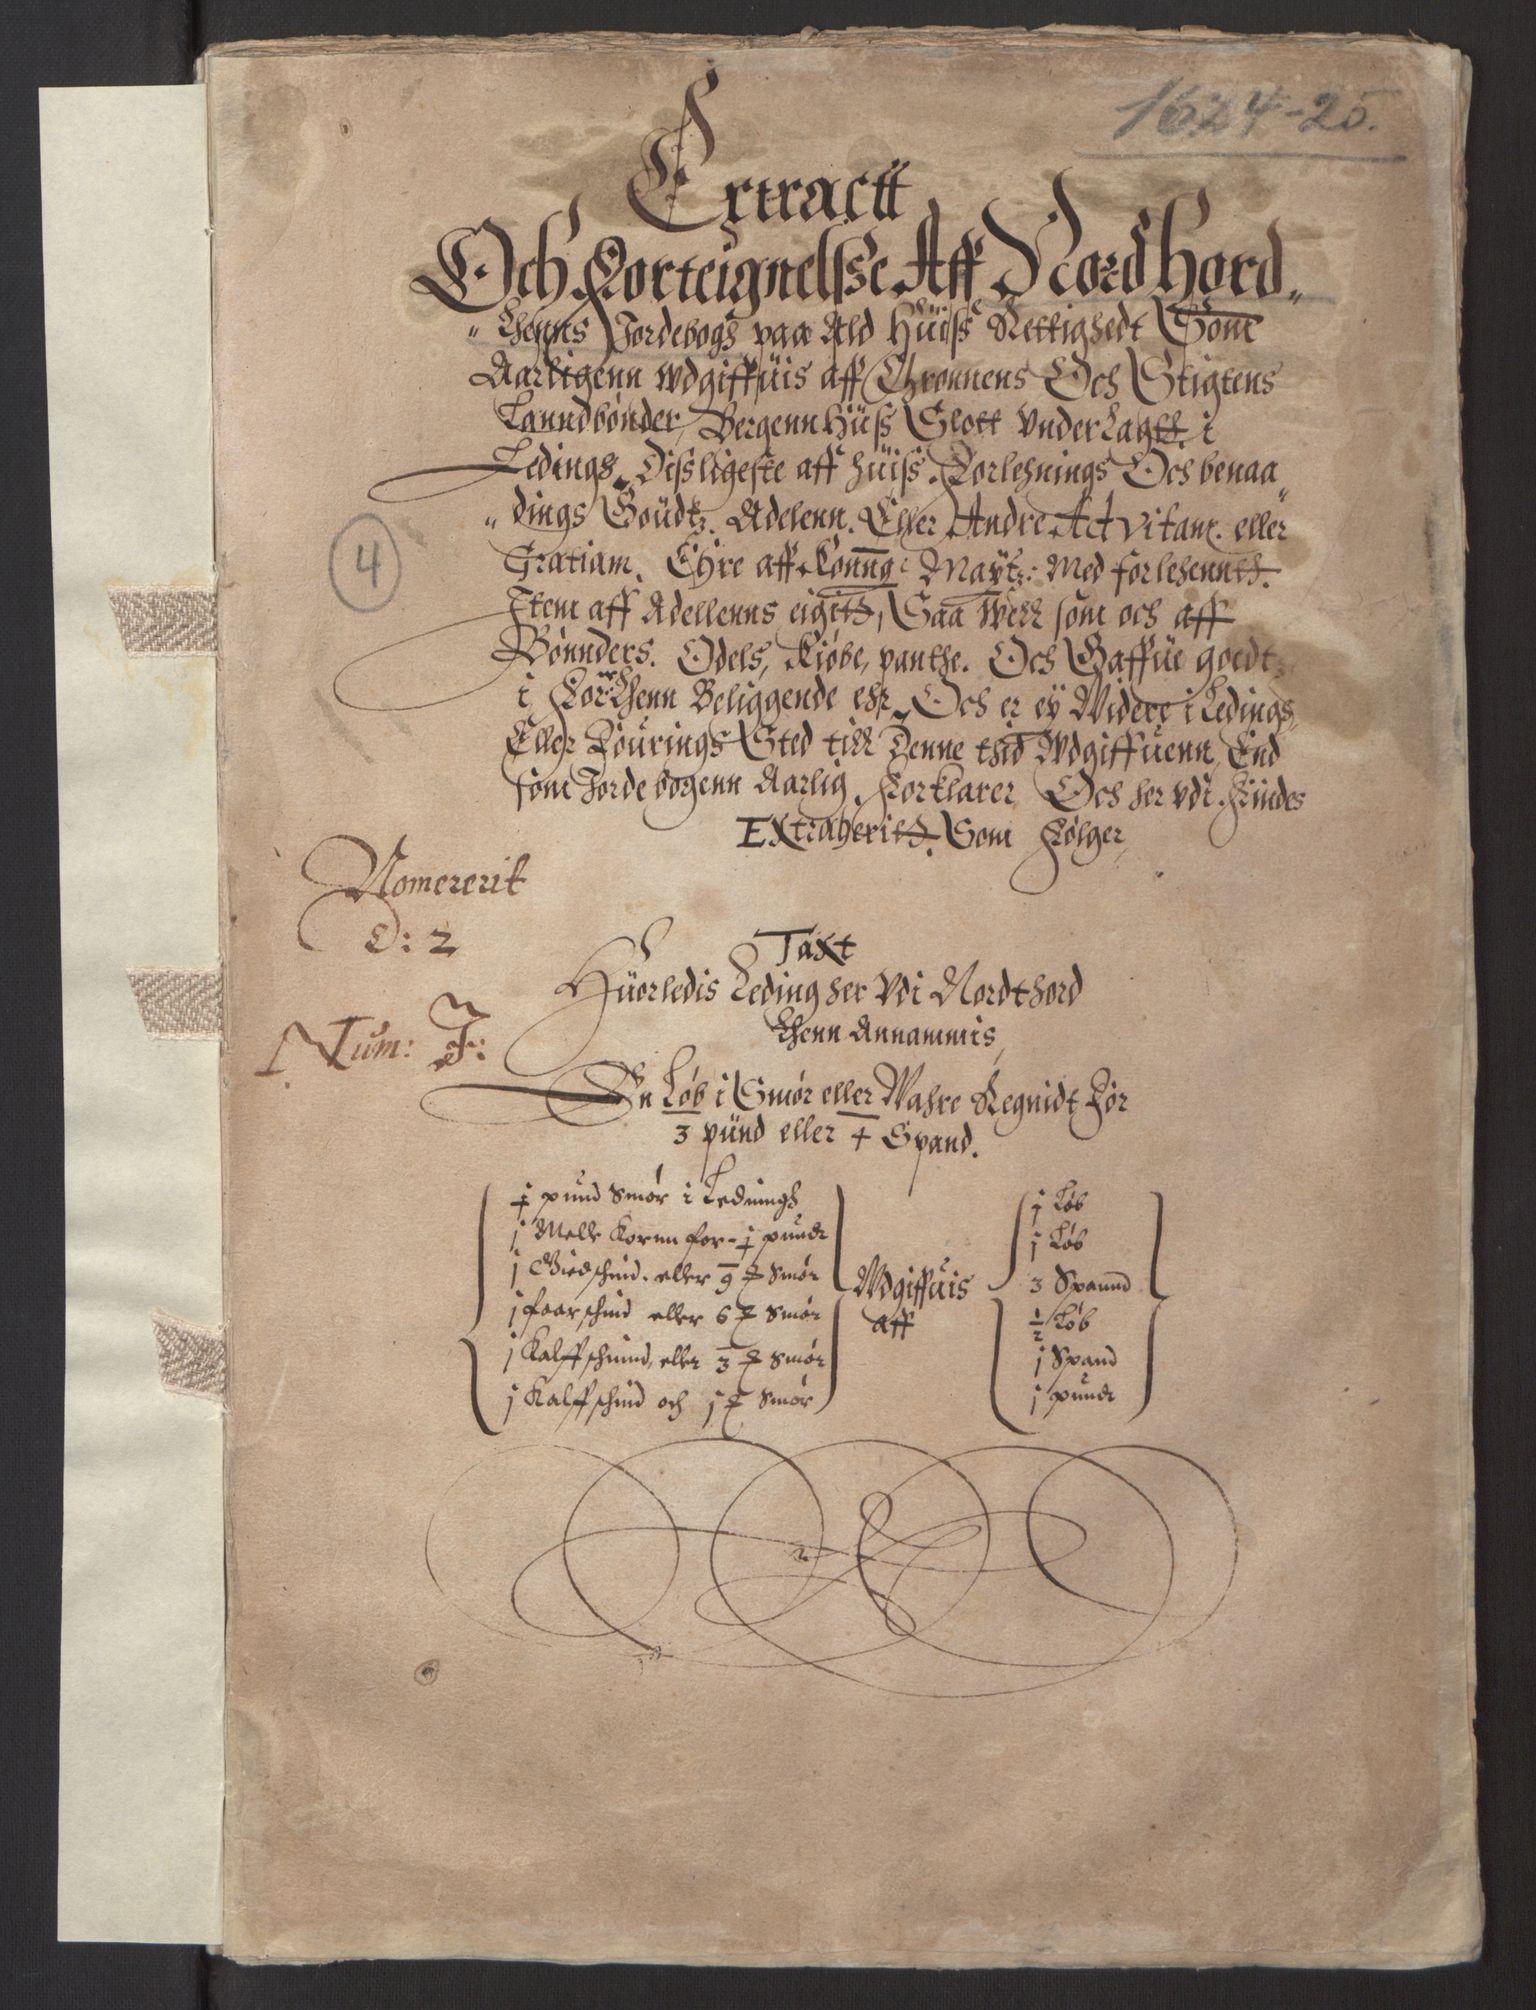 RA, Stattholderembetet 1572-1771, Ek/L0003: Jordebøker til utlikning av garnisonsskatt 1624-1626:, 1624-1625, s. 71